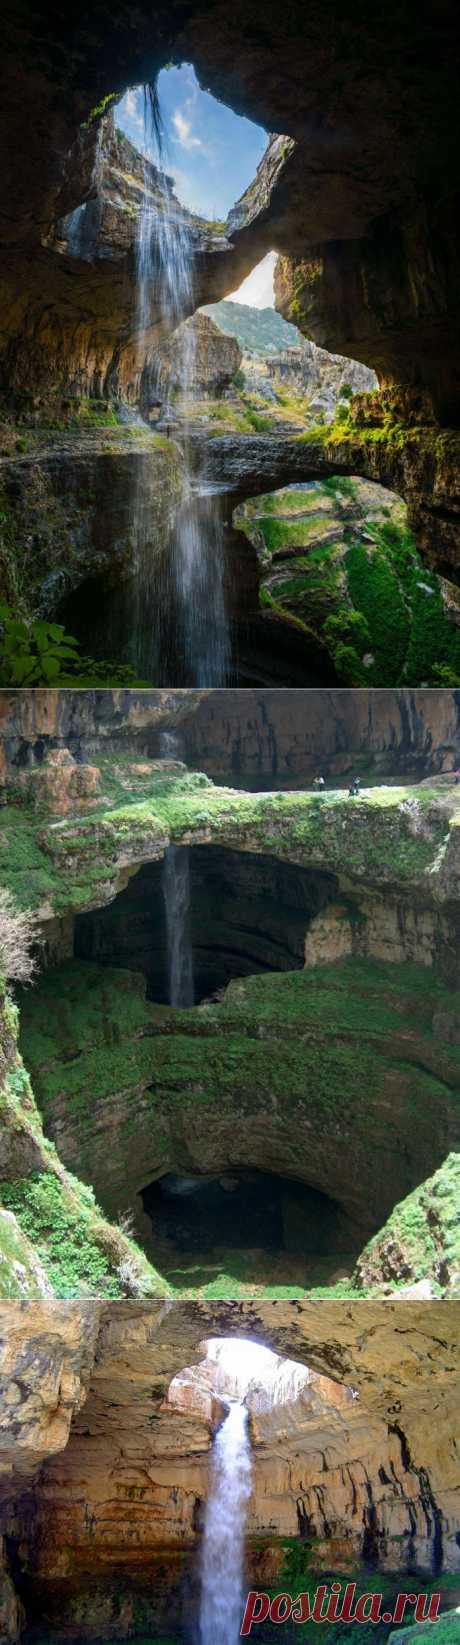 Лучшие фотографии со всего света - Водопад Баатара